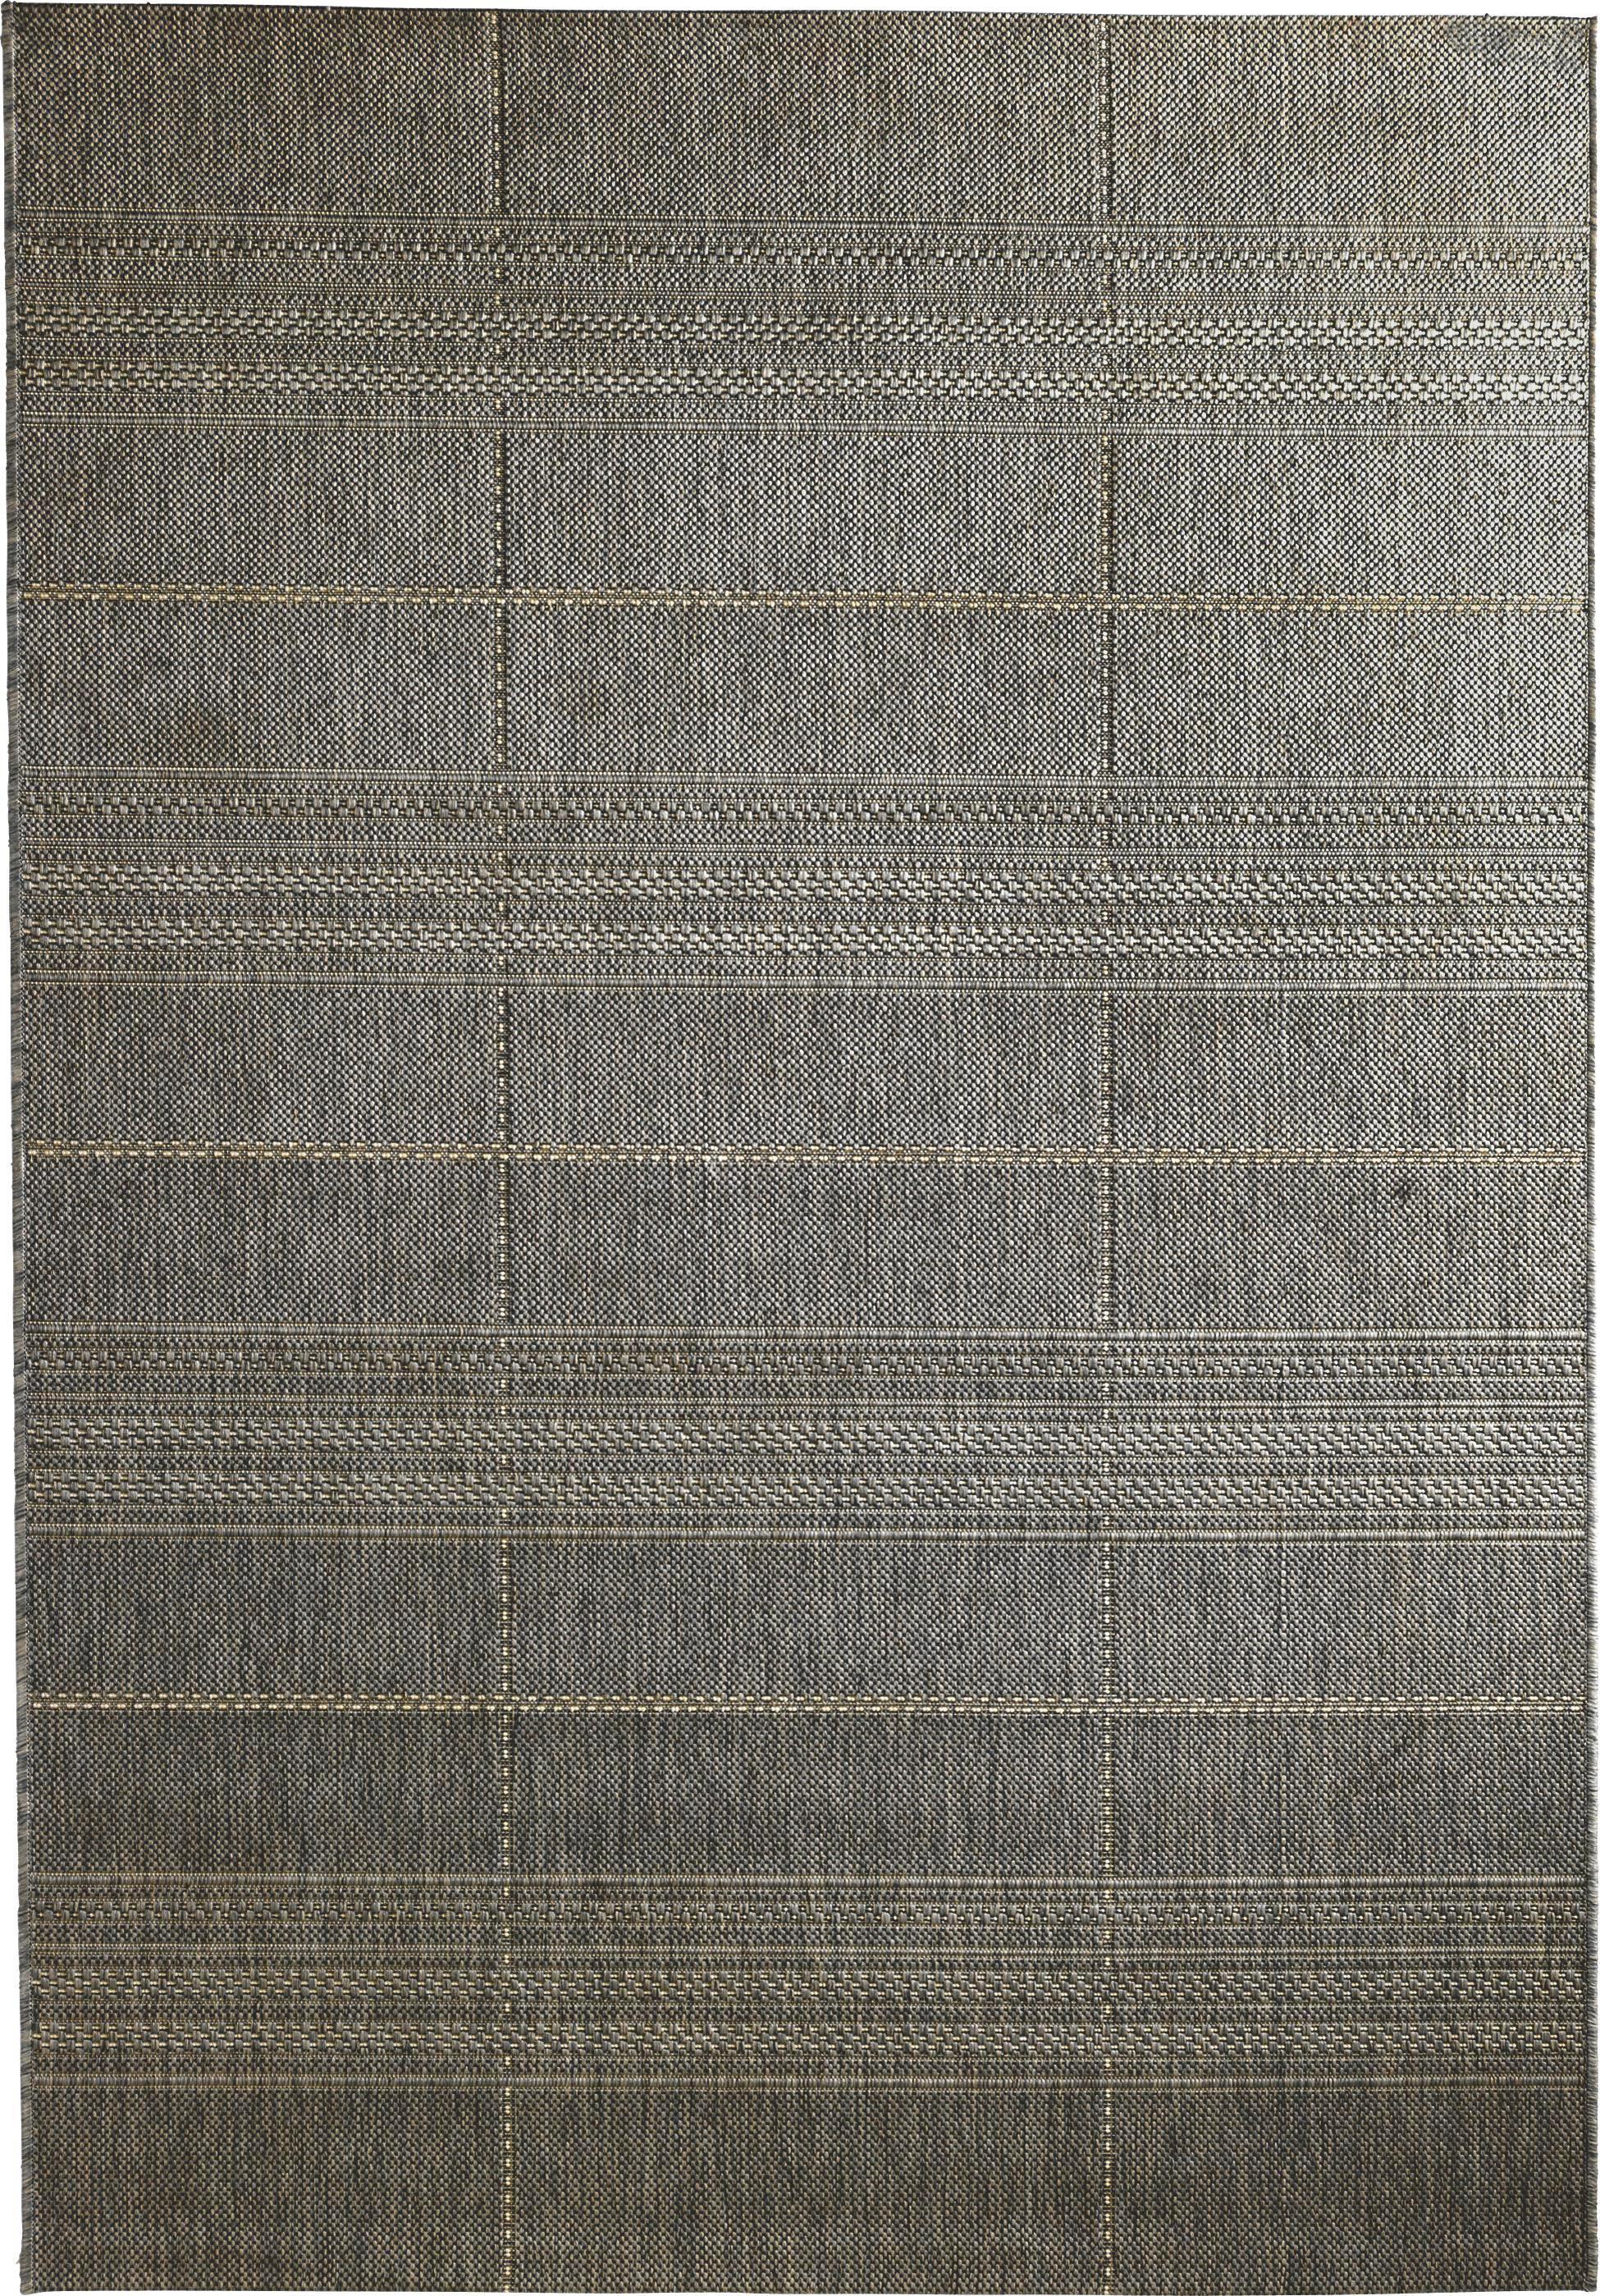 Flachwebeteppich Essenza in Grau, ca. 200x250cm - Grau, MODERN, Textil (200/250cm) - MÖMAX modern living